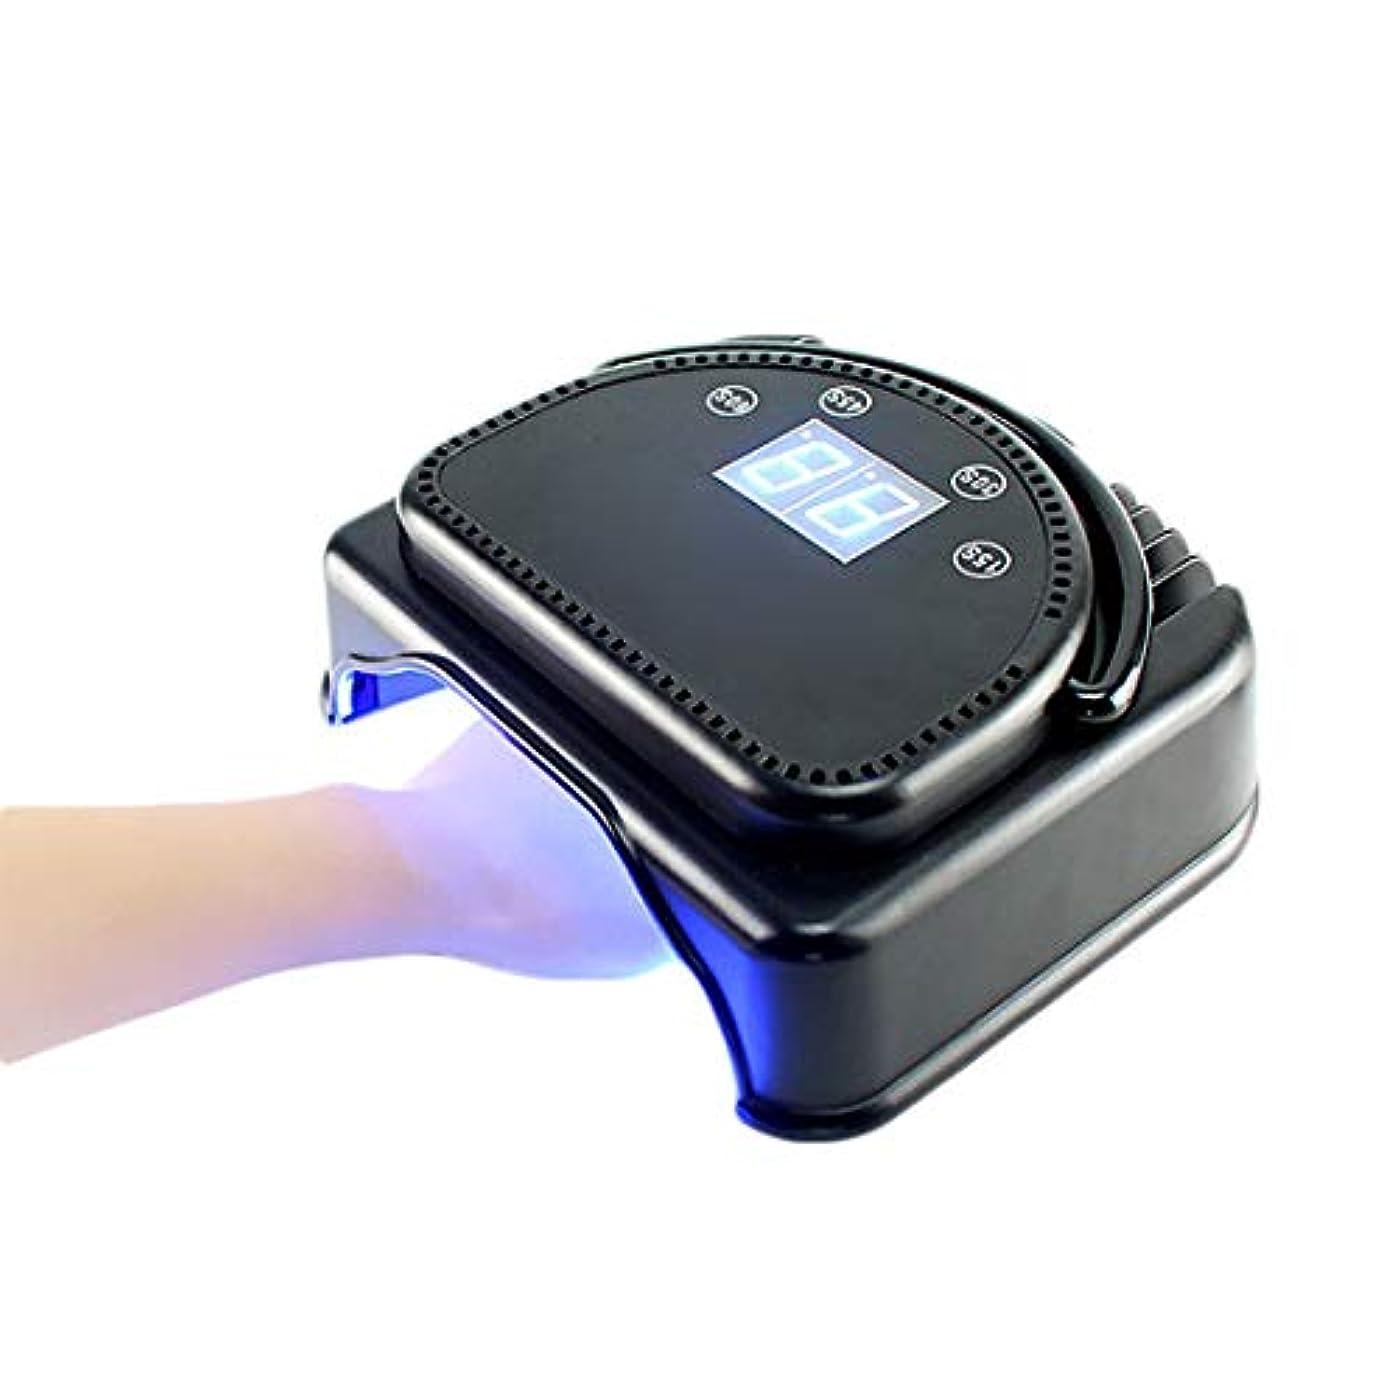 シェラックおよびゲルの釘のための64W専門の紫外線およびLEDの釘ランプそして釘のドライヤーの表示